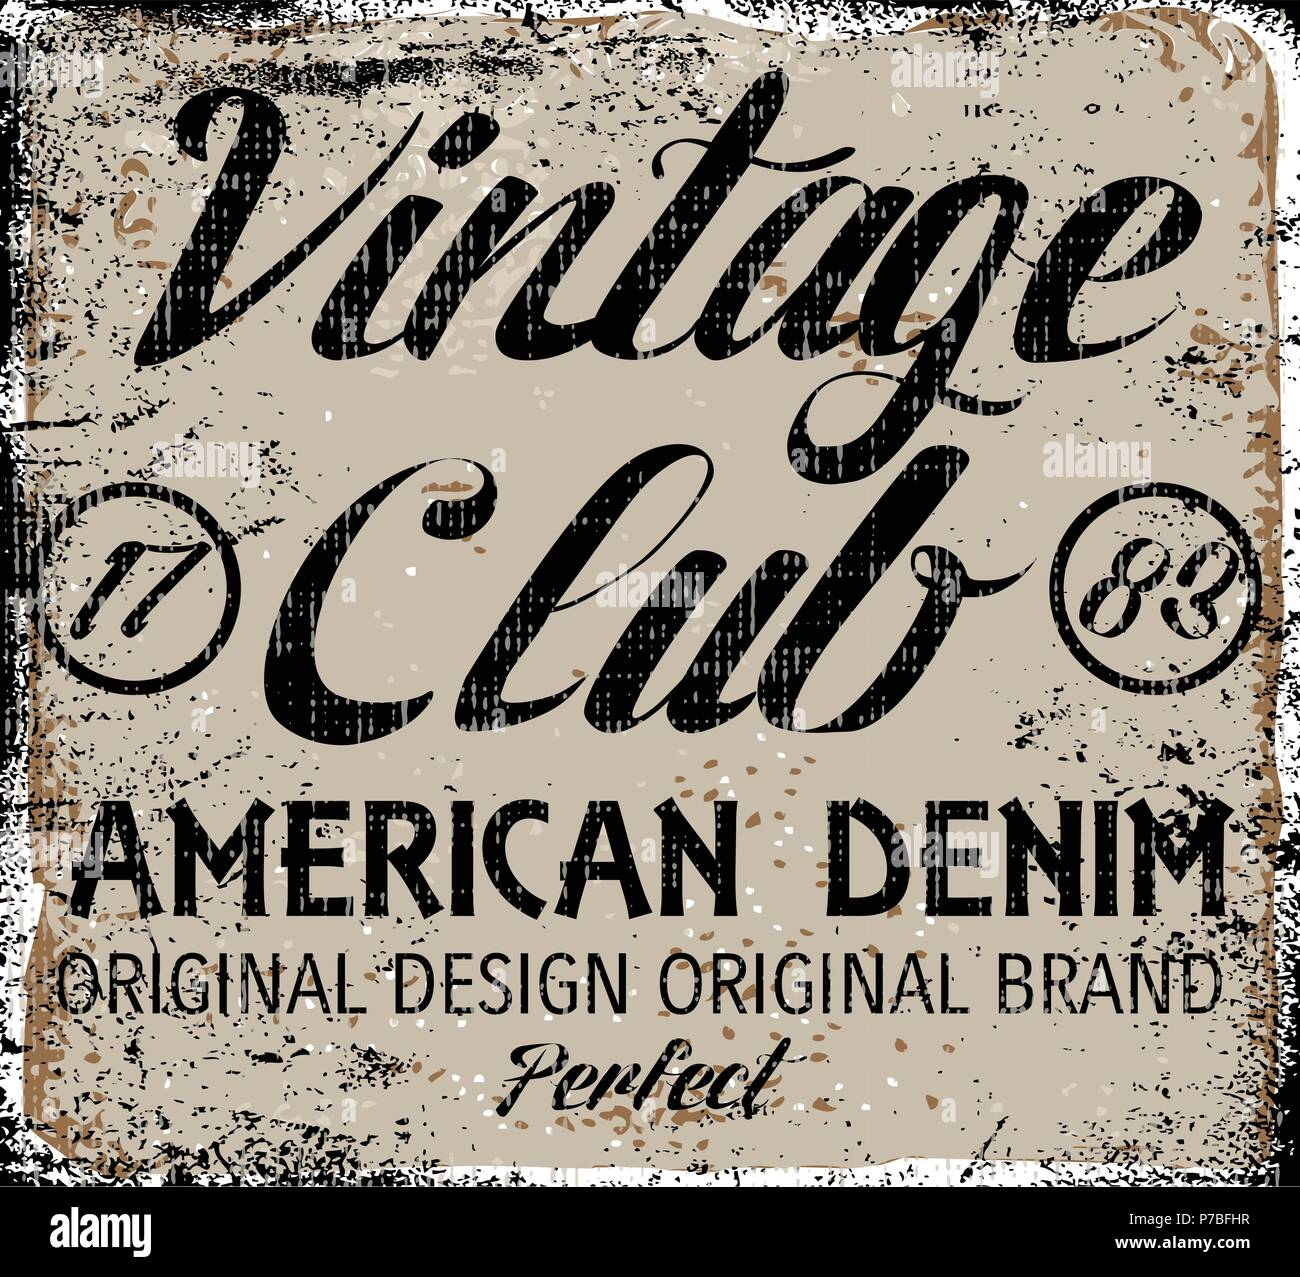 Vintage Design Stamp Typography T Shirt Graphics Poster Banner Print Flyer Postcard